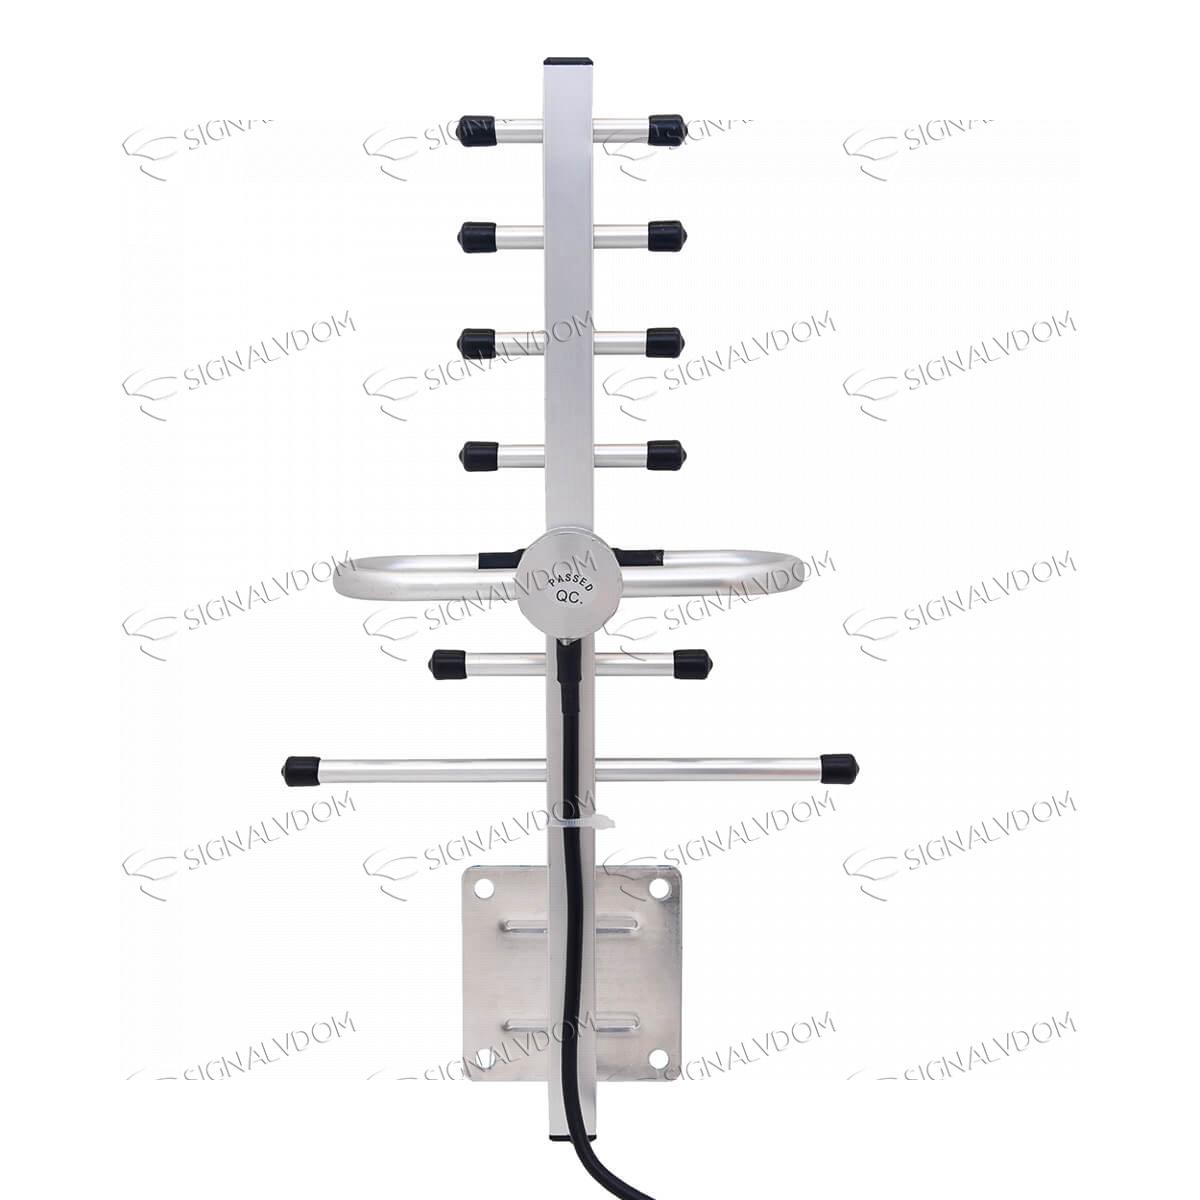 Усилитель сигнала Wingstel 1800 mHz (для 2G/4G) 65dBi, кабель 15 м., комплект - 5